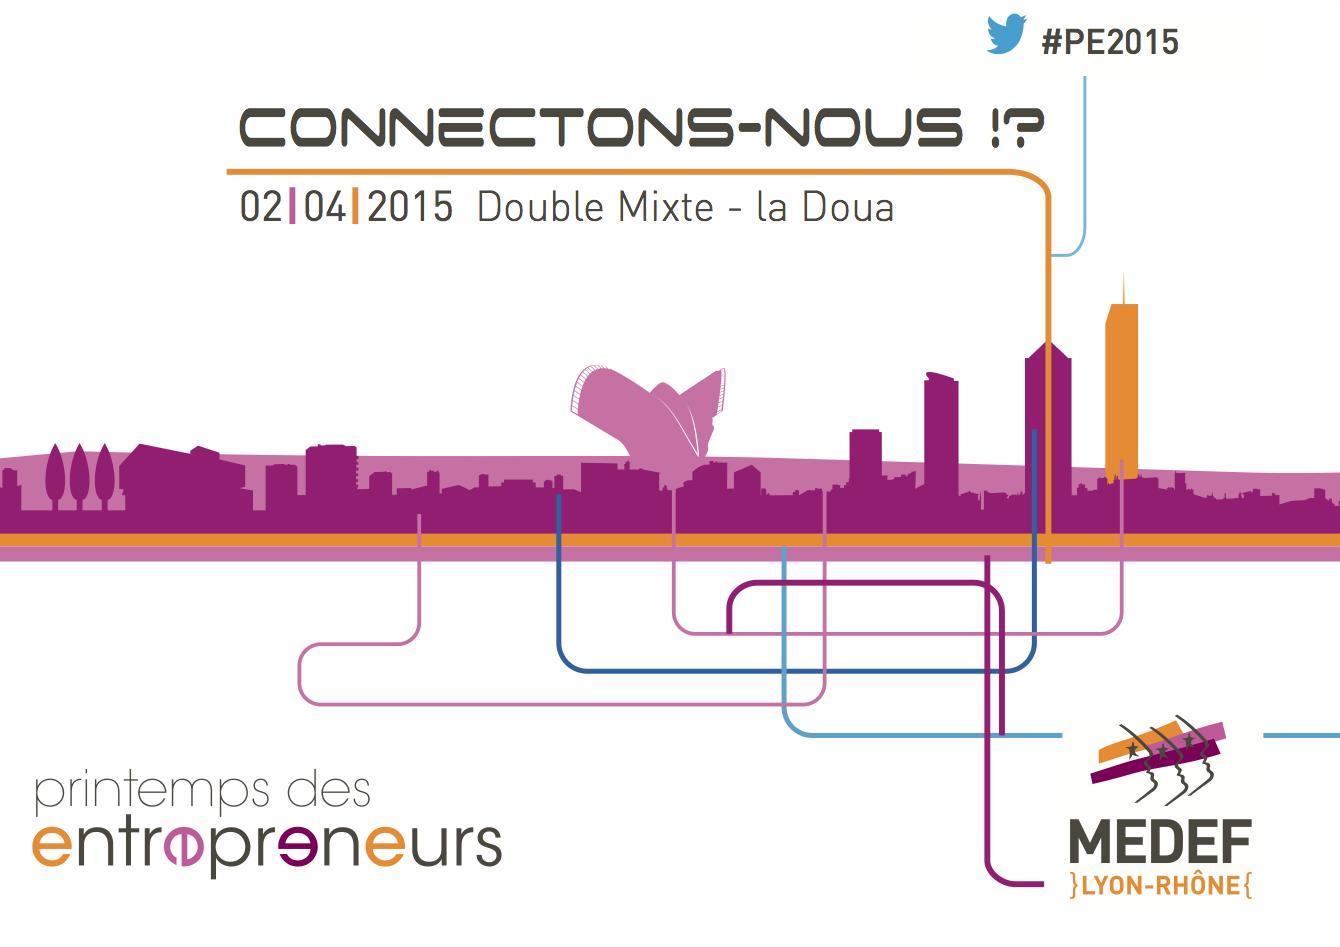 Le MEDEF Lyon-Rhône organise le Printemps des entrepreneurs le 2 avril 2015 - Ekno